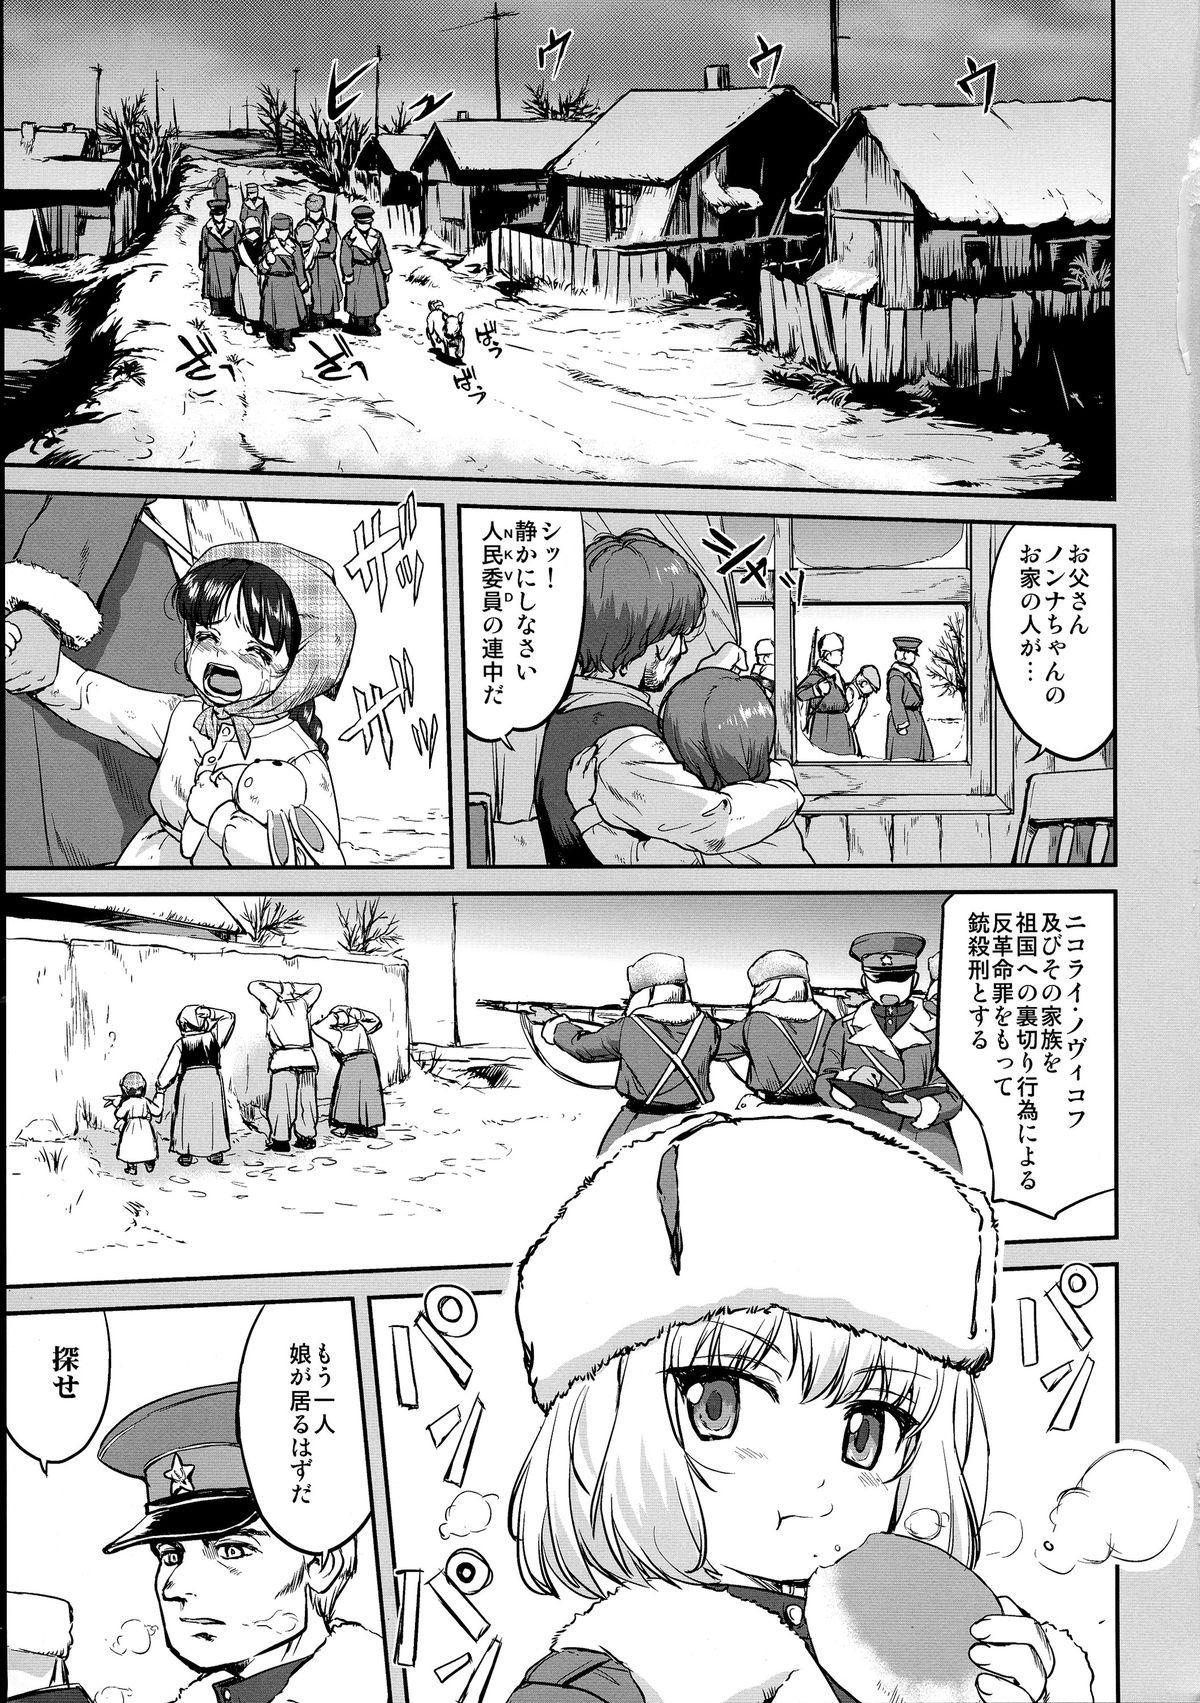 Yukiyukite Senshadou Battle of Pravda 4